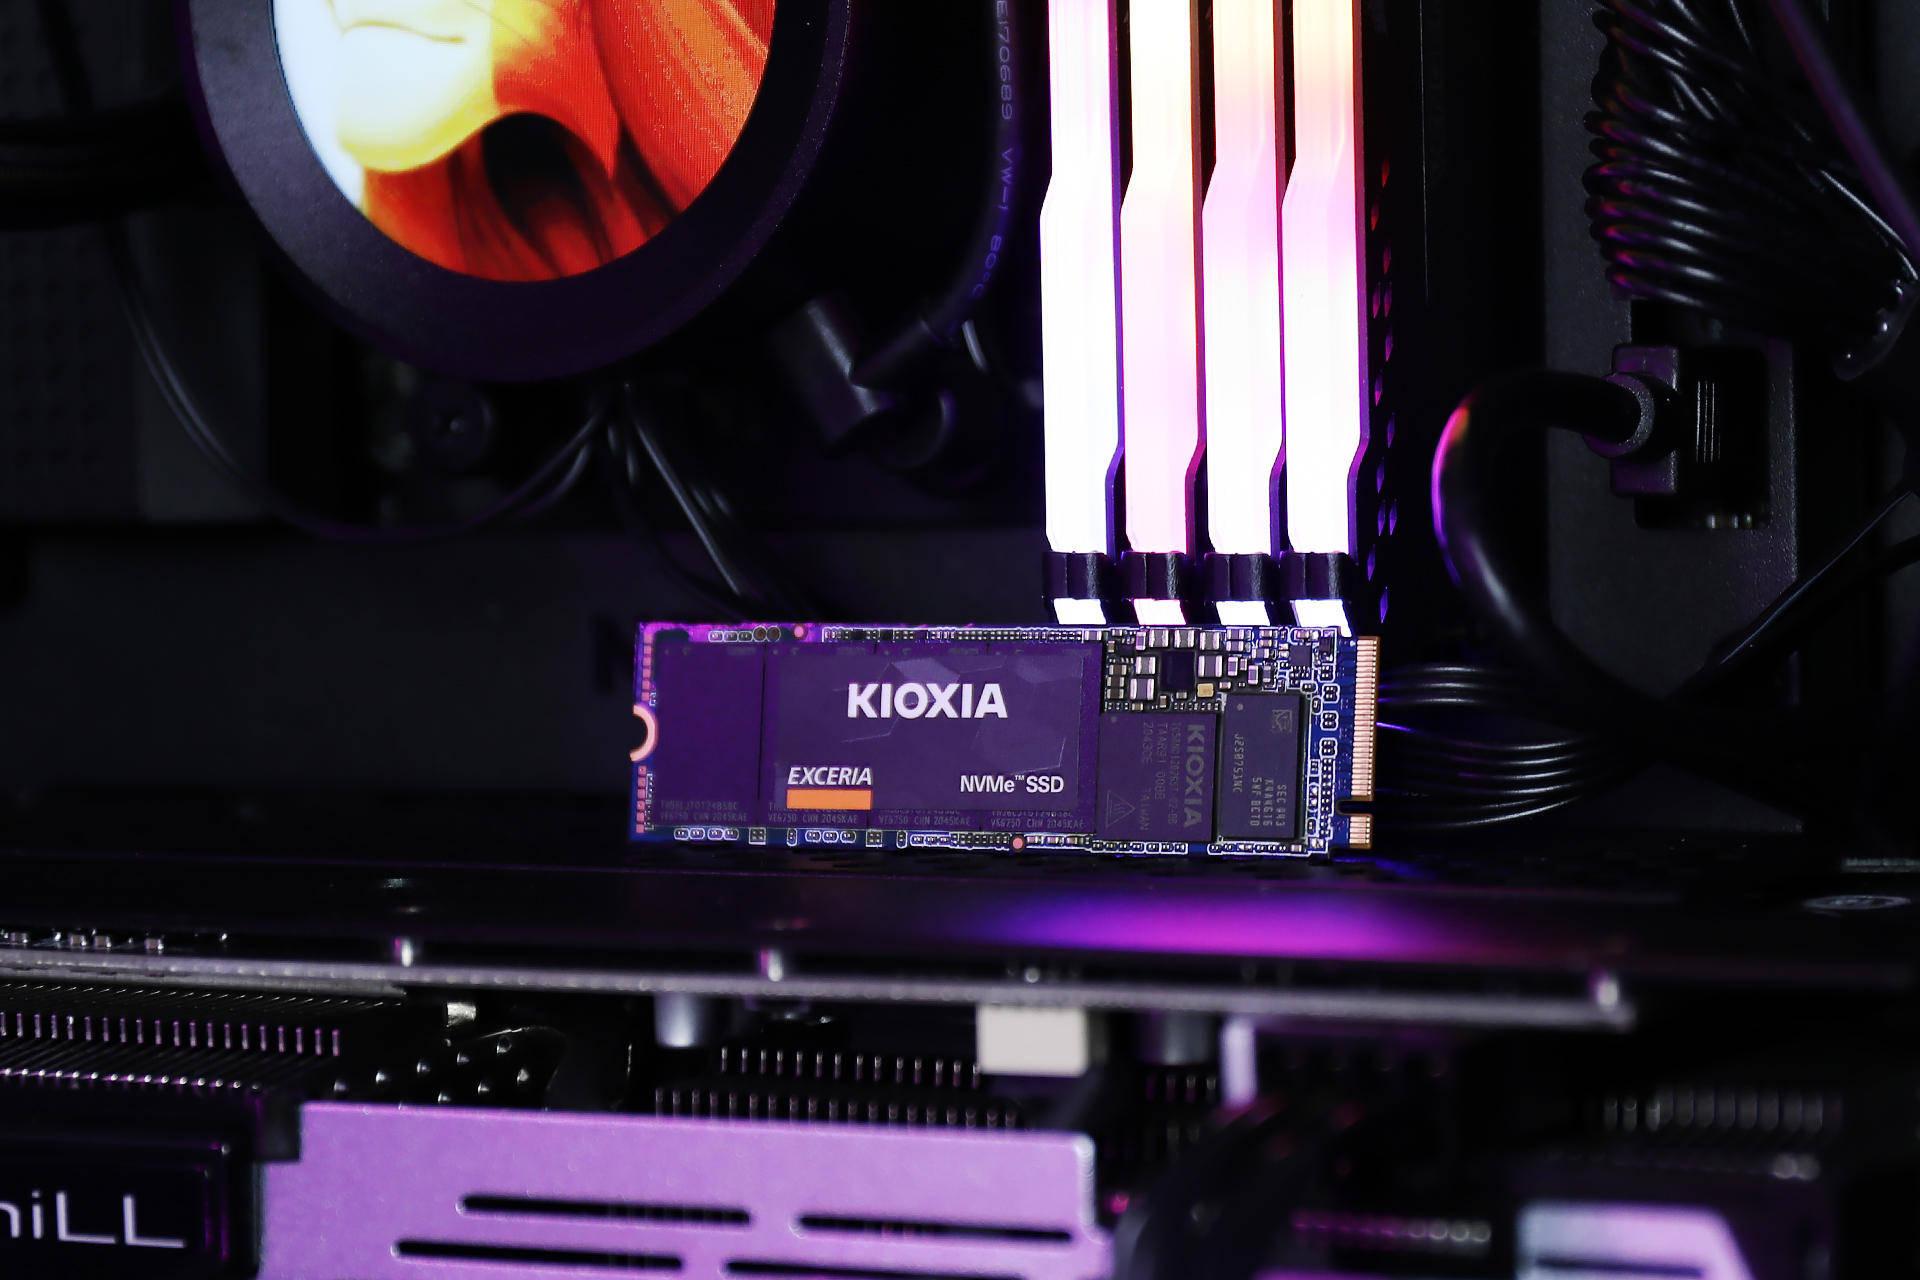 兼具性价比与性能的固态硬盘,铠侠RC10 SSD评测